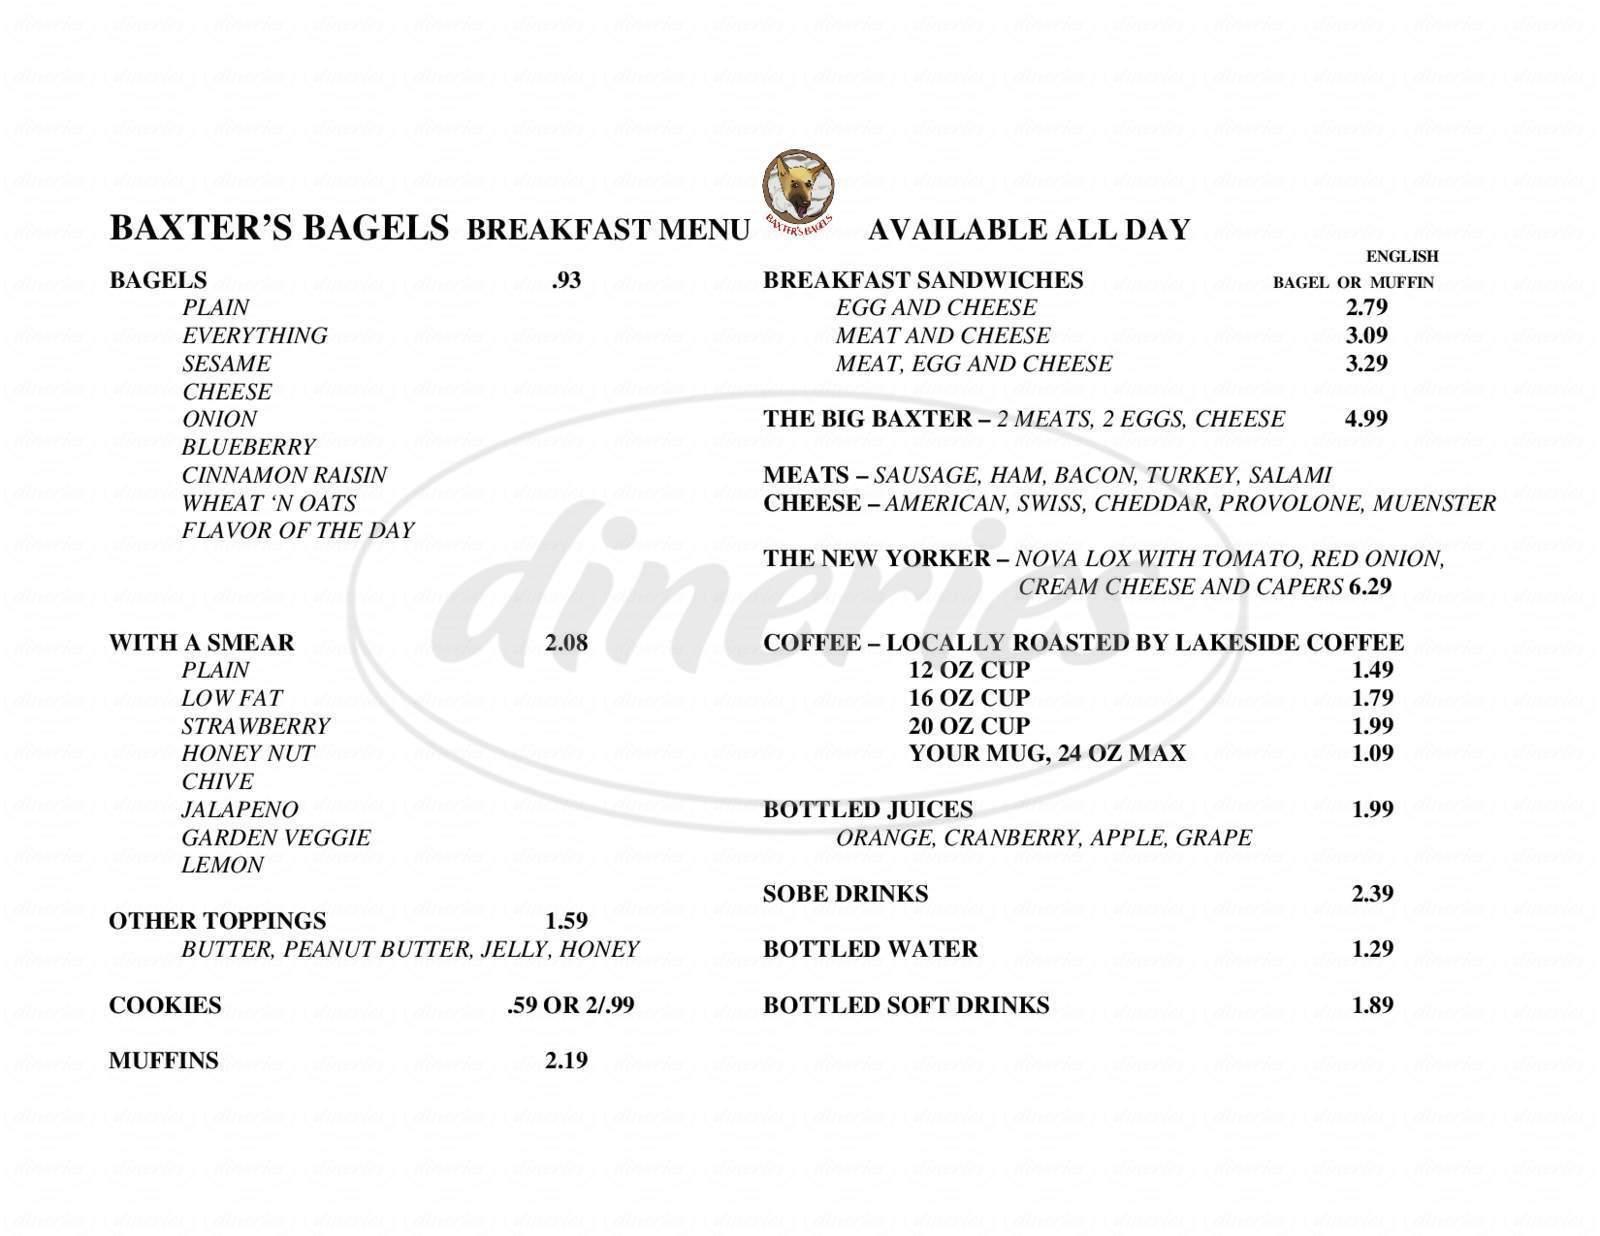 menu for Baxter's Bagels